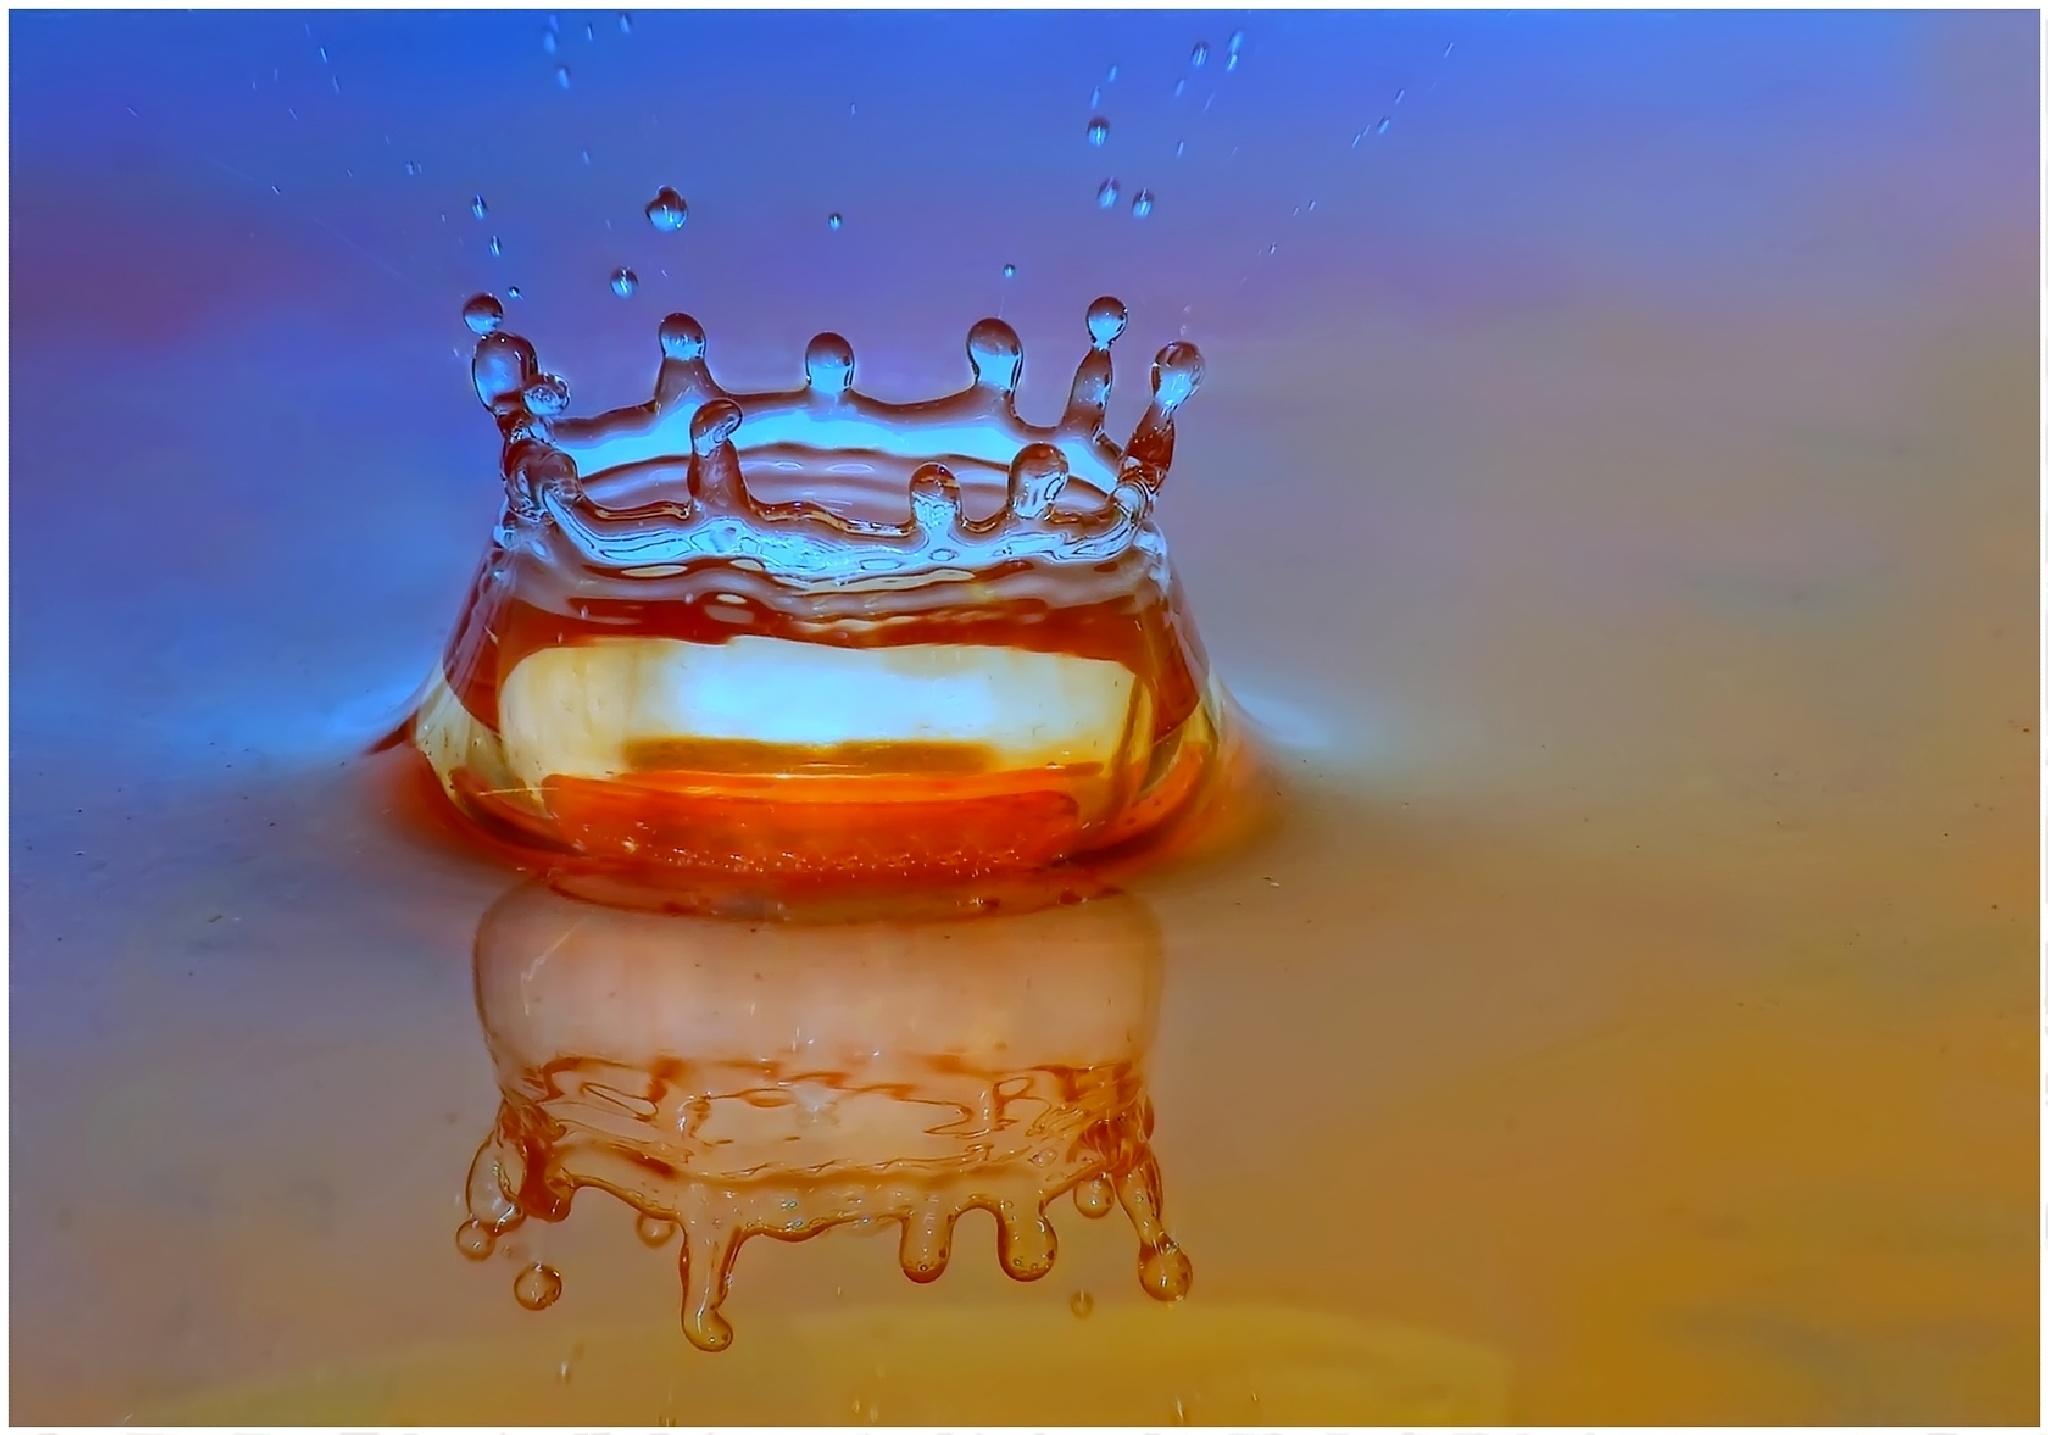 Couronne d'eau by Fernand Larochelle